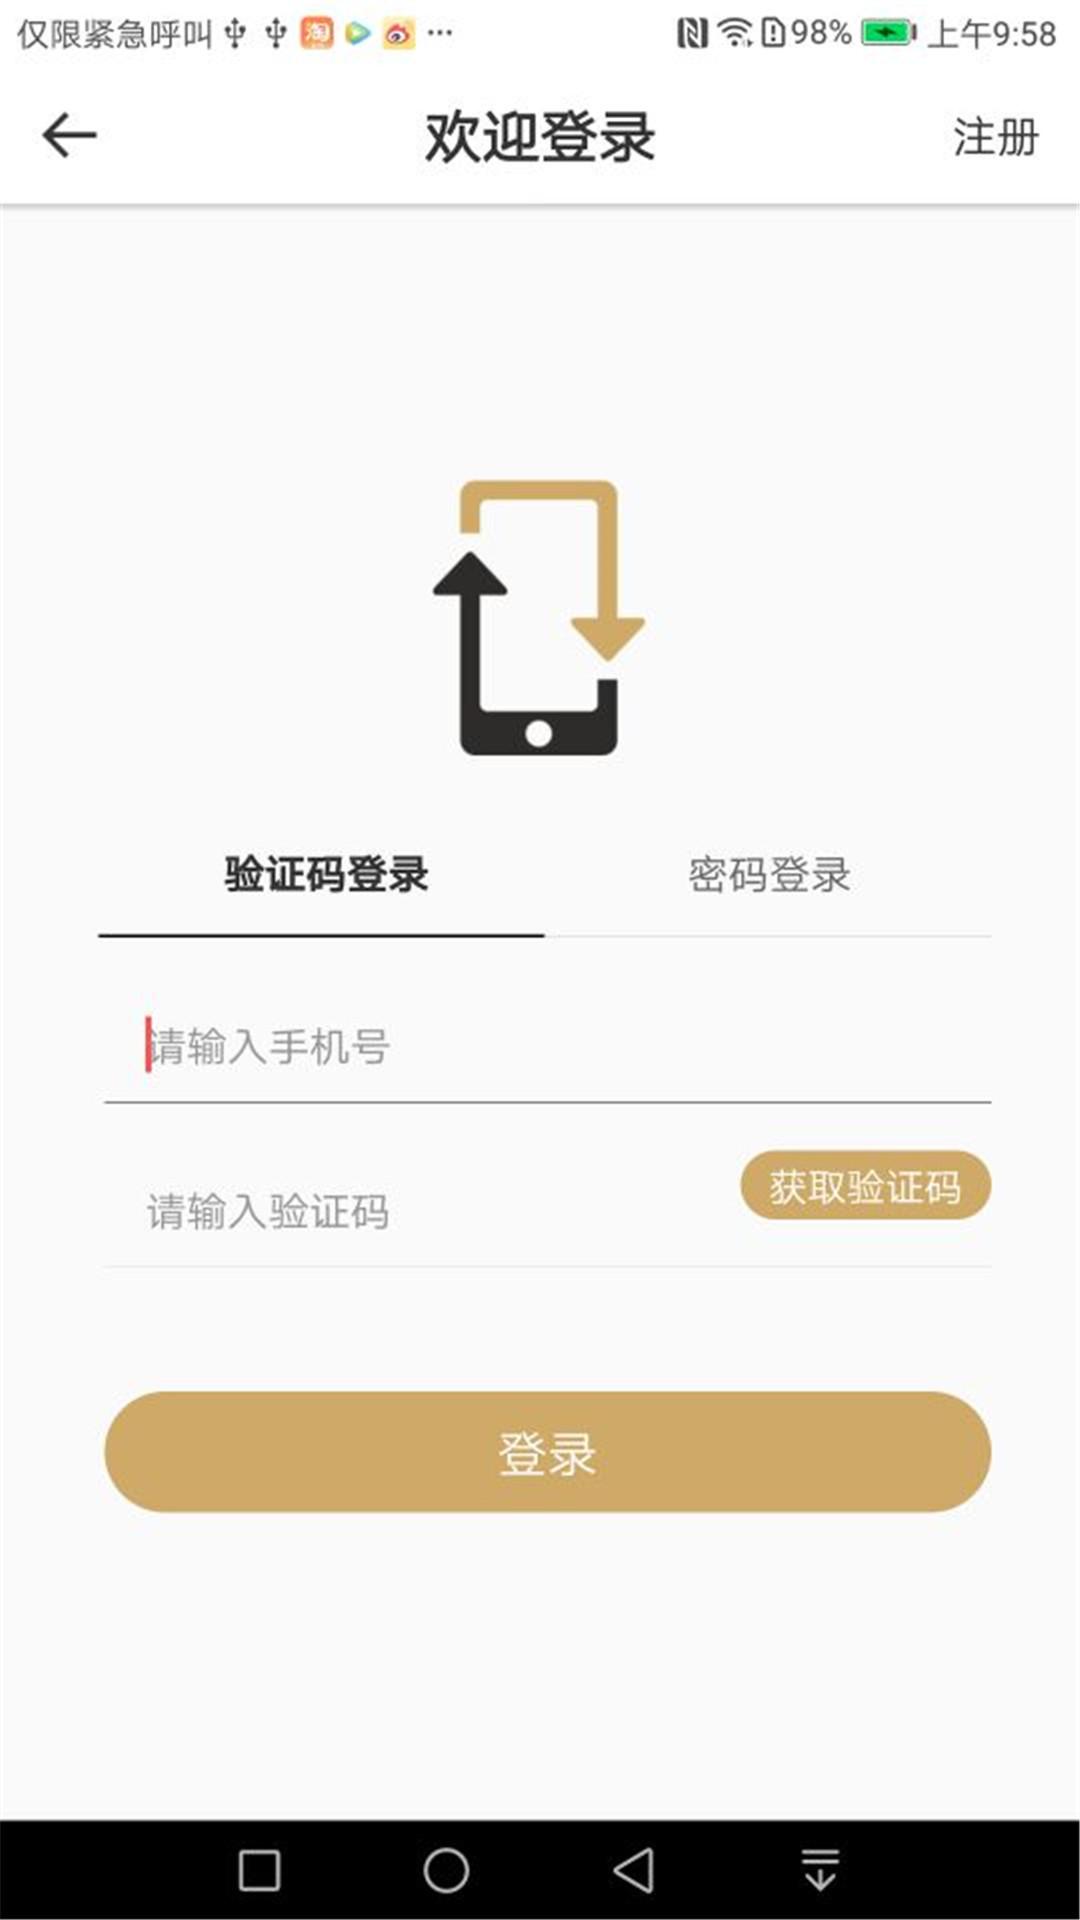 天天回收官方手机版app下载图4: